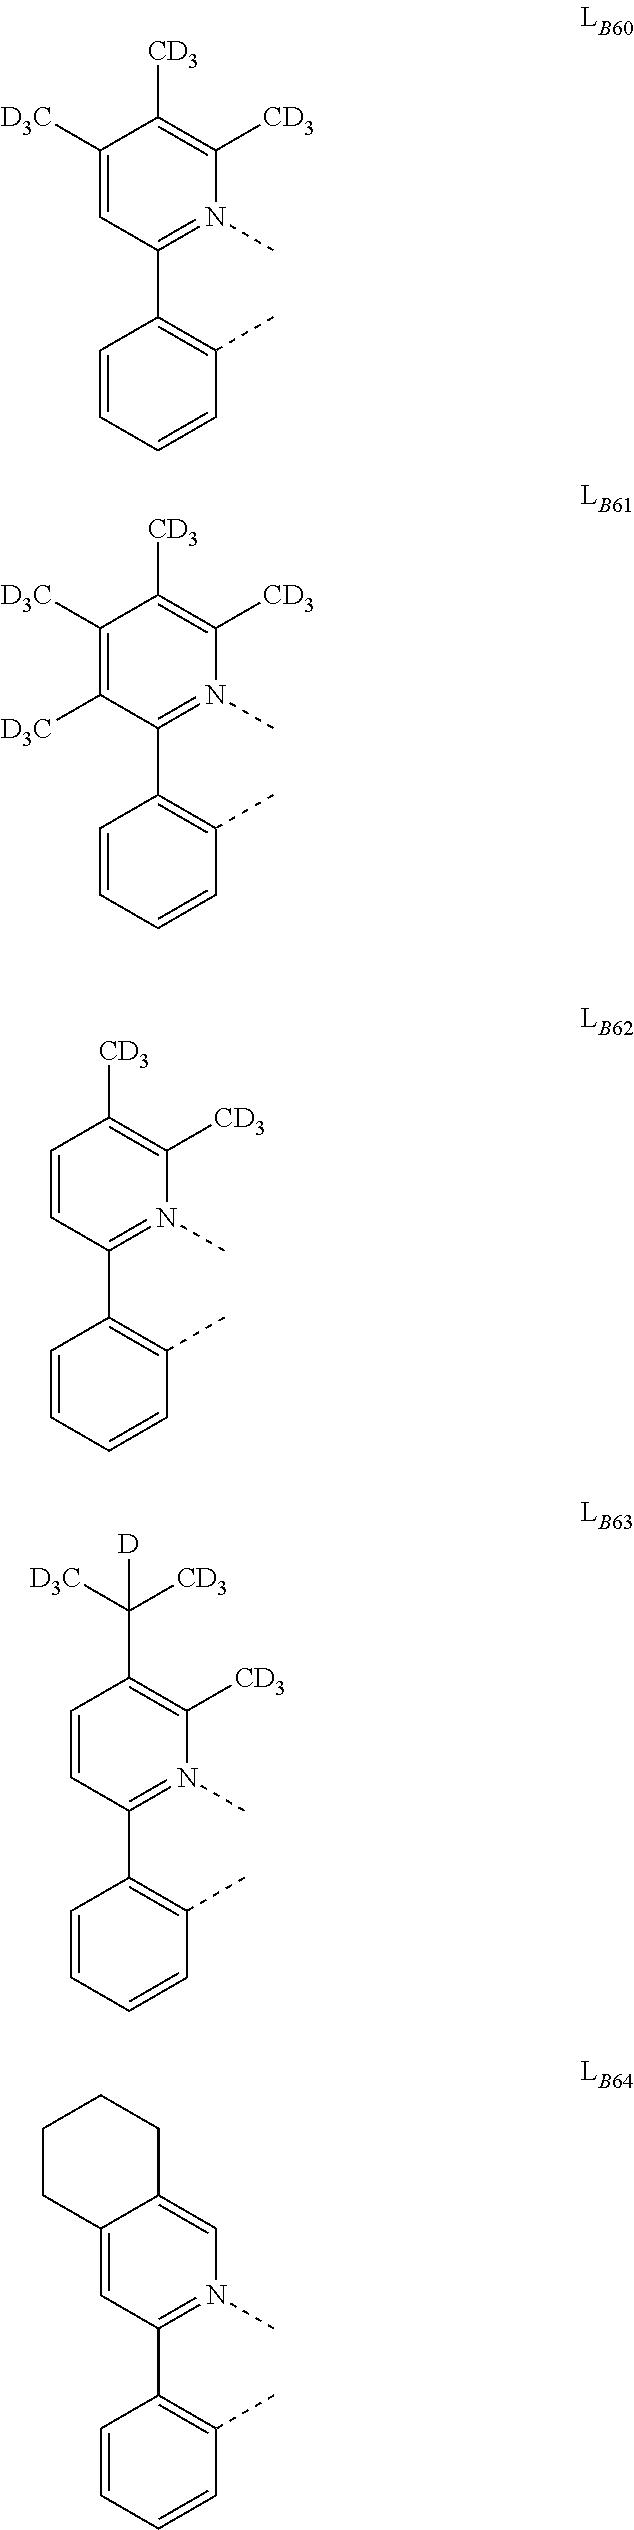 Figure US09929360-20180327-C00228